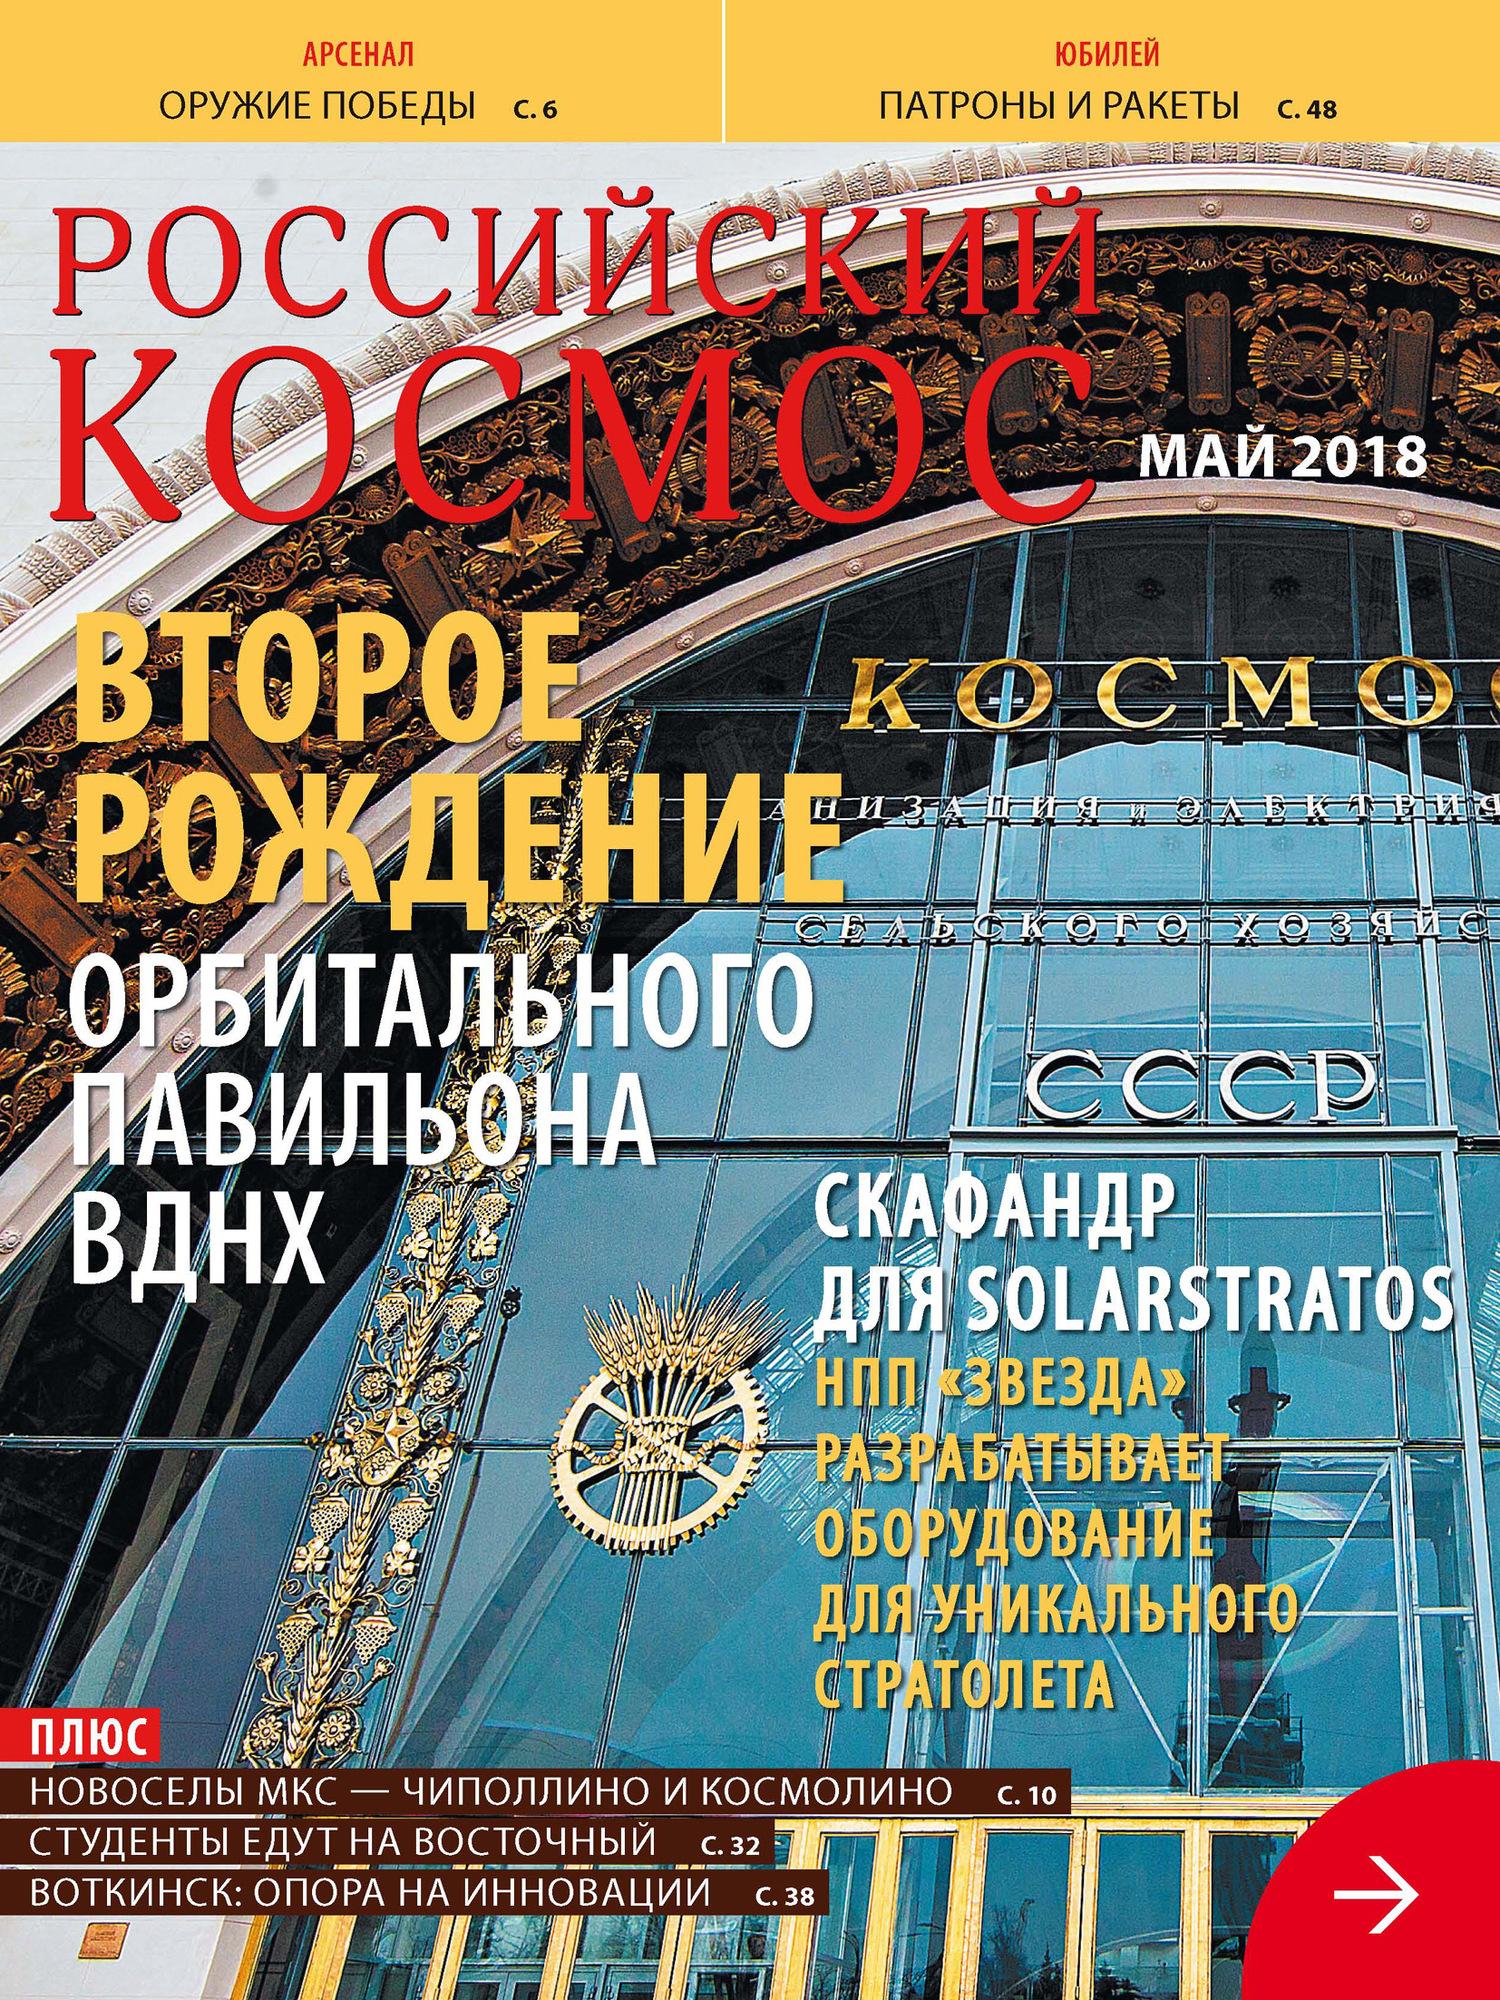 Отсутствует Российский космос № 05 / 2018